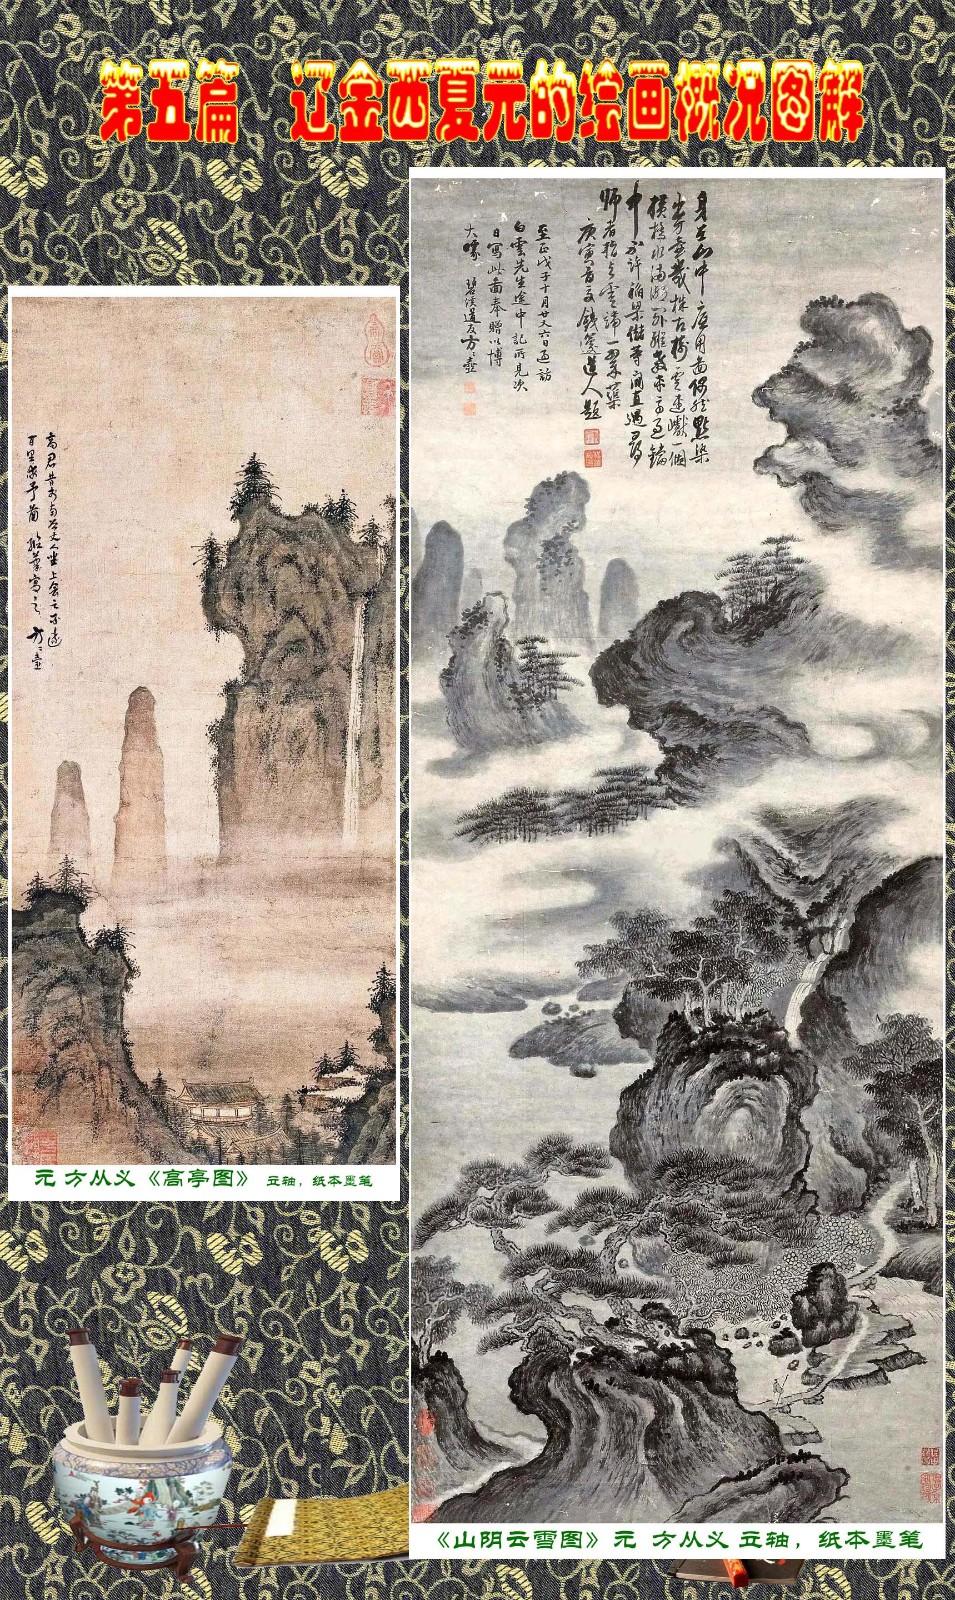 顾绍骅编辑 中国画知识普及版 第五篇 辽金西夏元的绘画概况 下 ... ..._图1-45